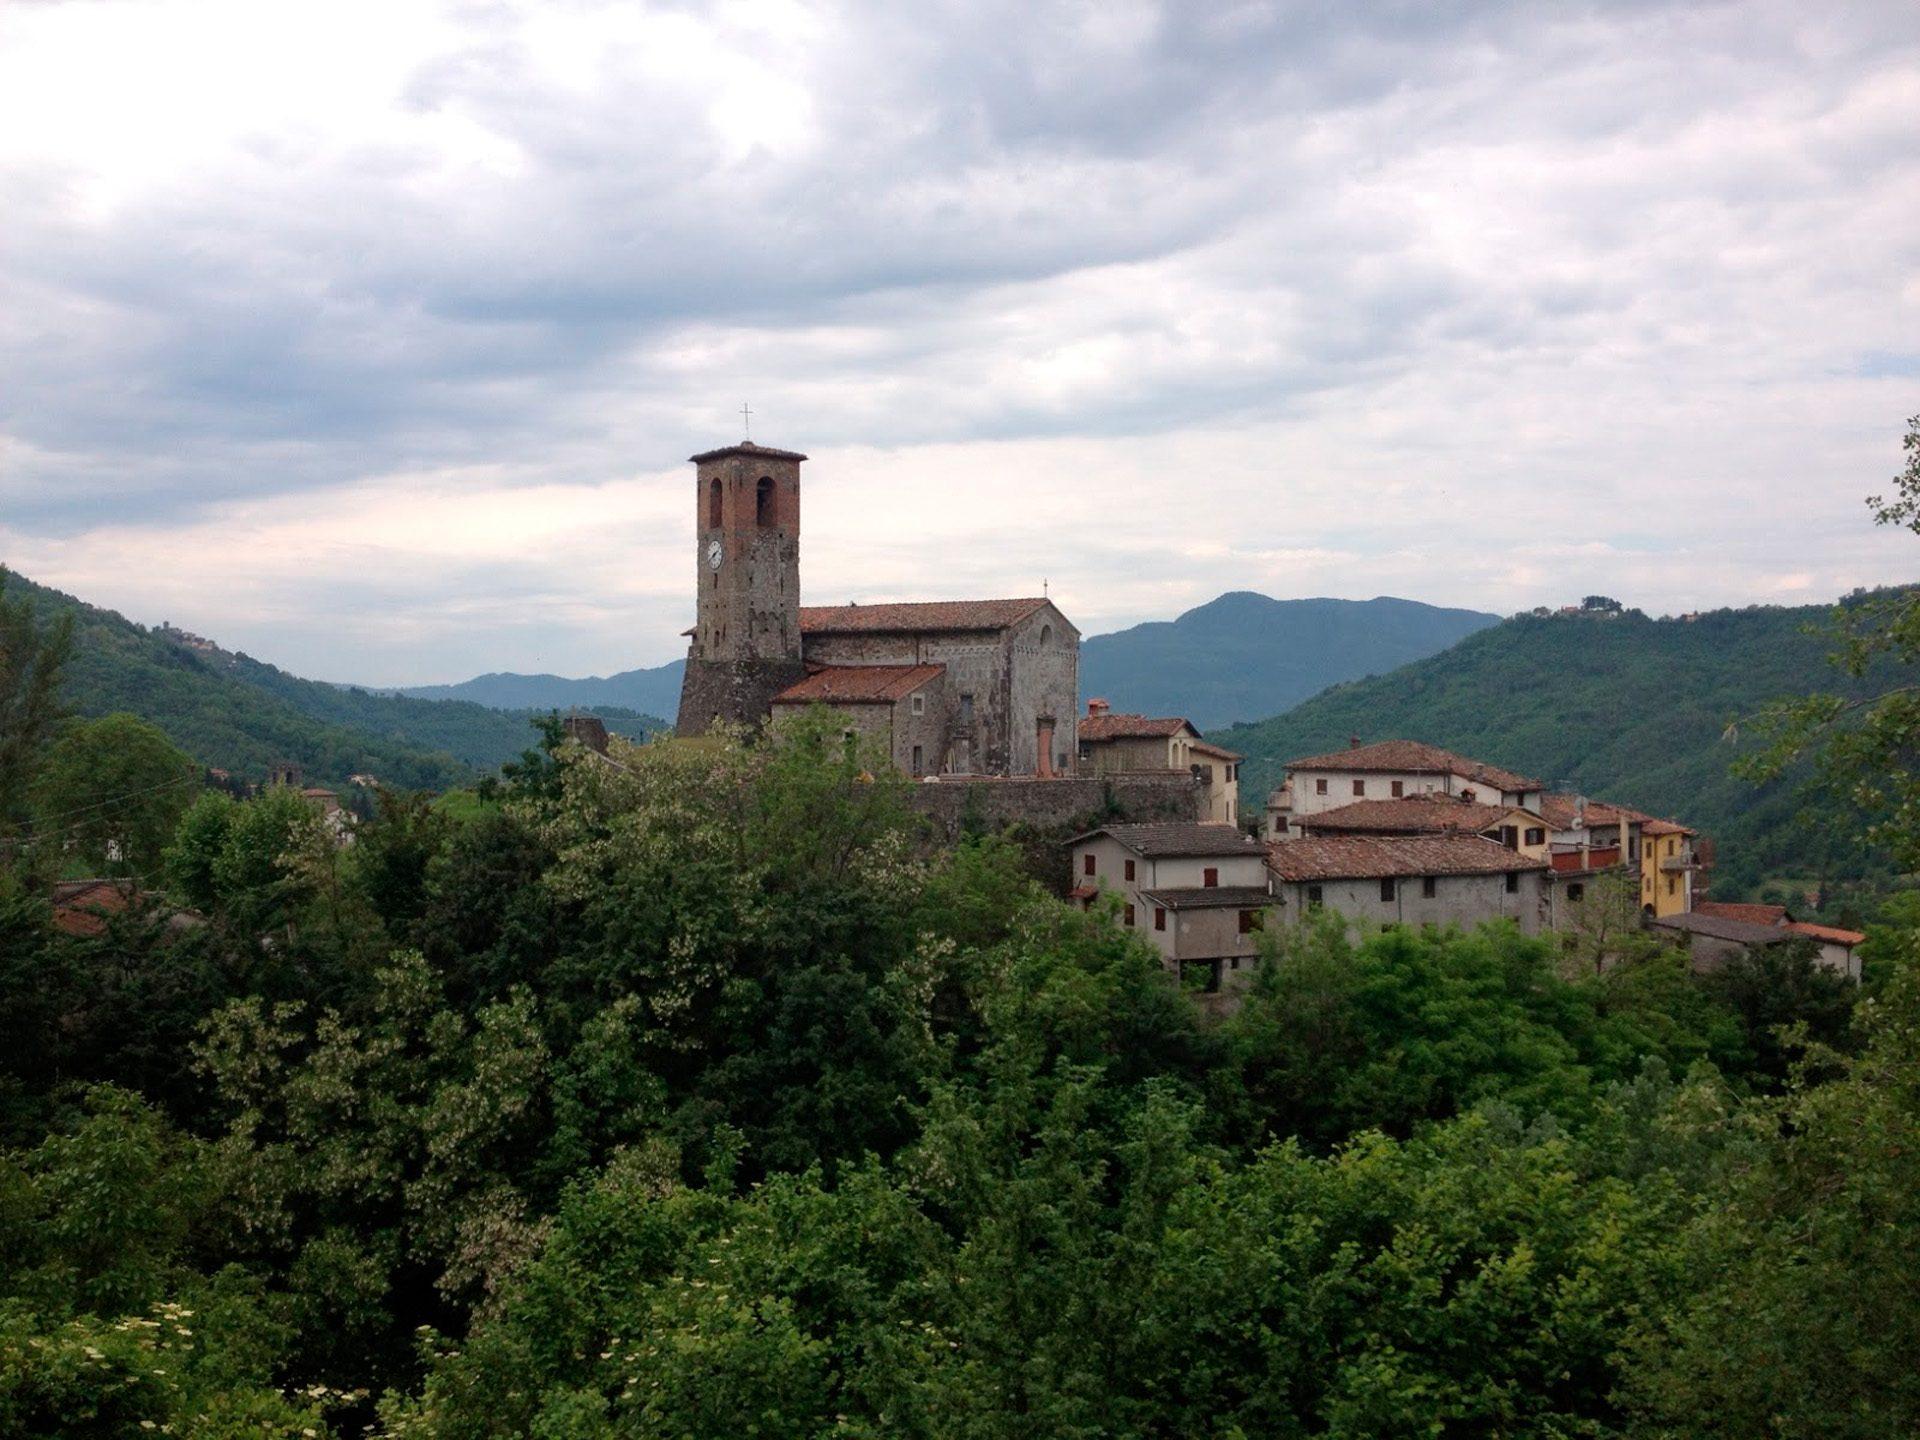 Tappa 07 - Borgo a Mozano-Rifugio Santi